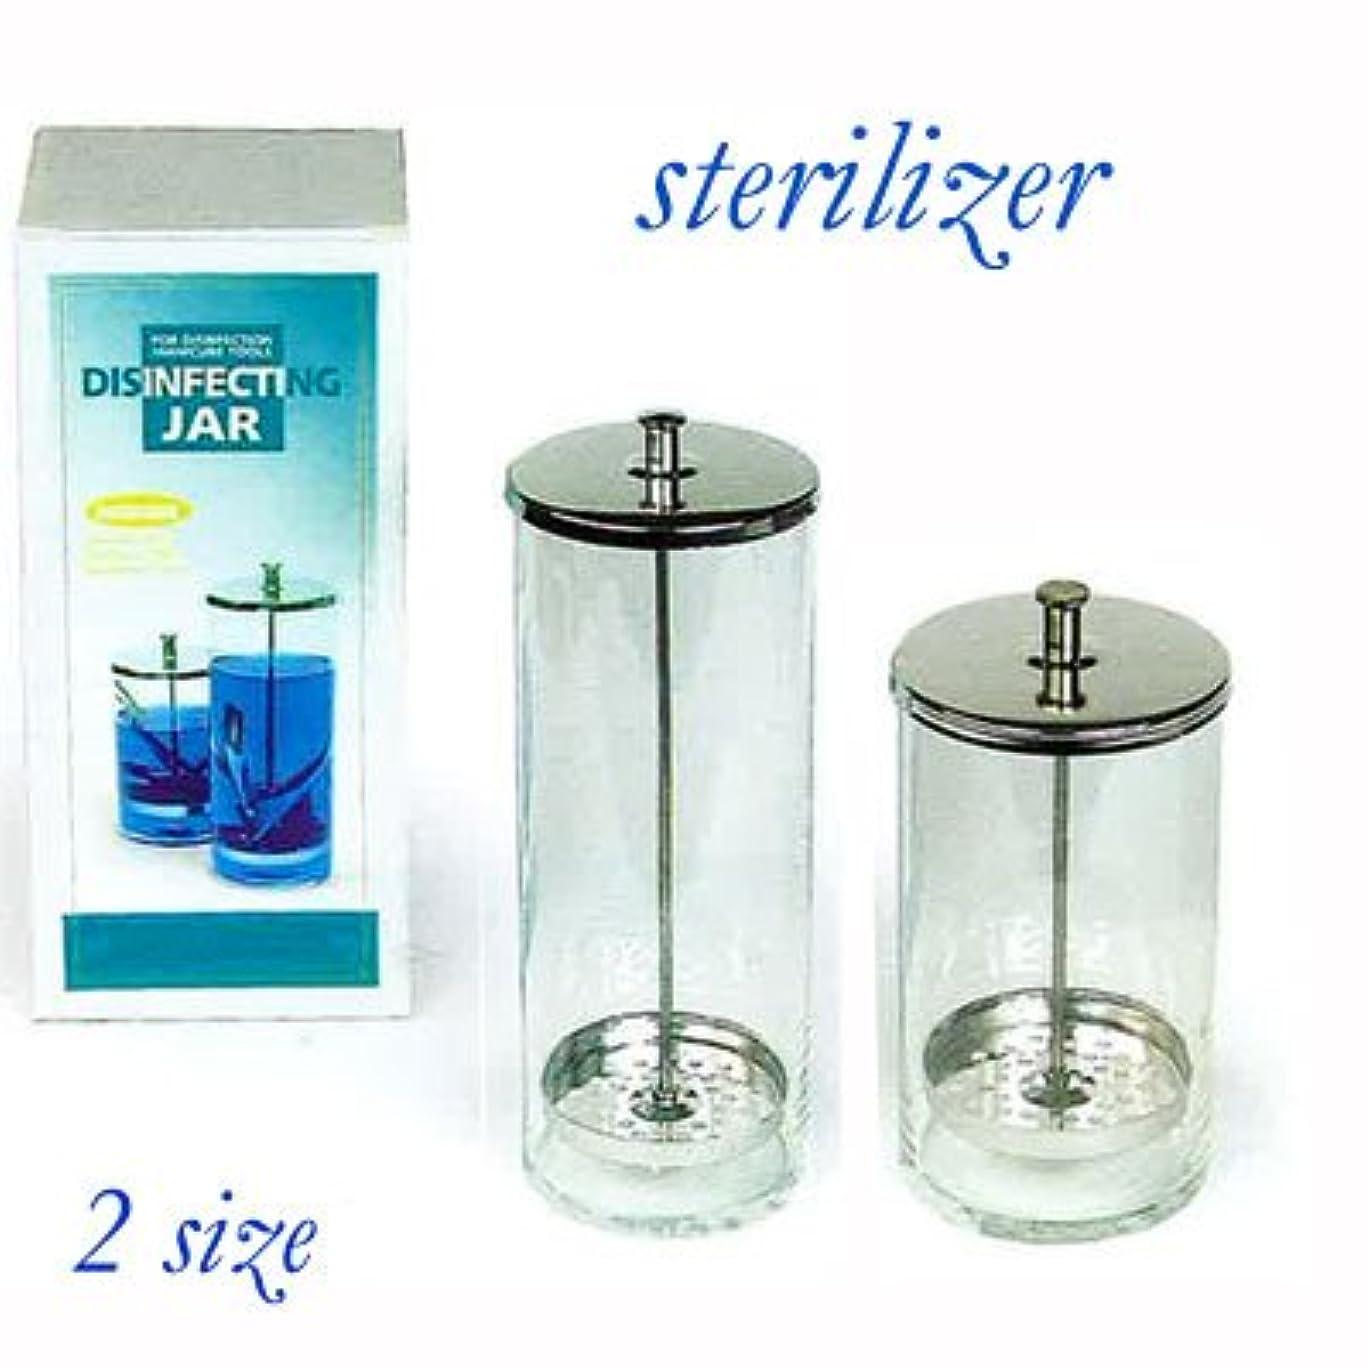 ペダル肌司法ステリライザー 器具消毒用 Lサイズ935ml / ネイルサロン衛生用品、検定用にも